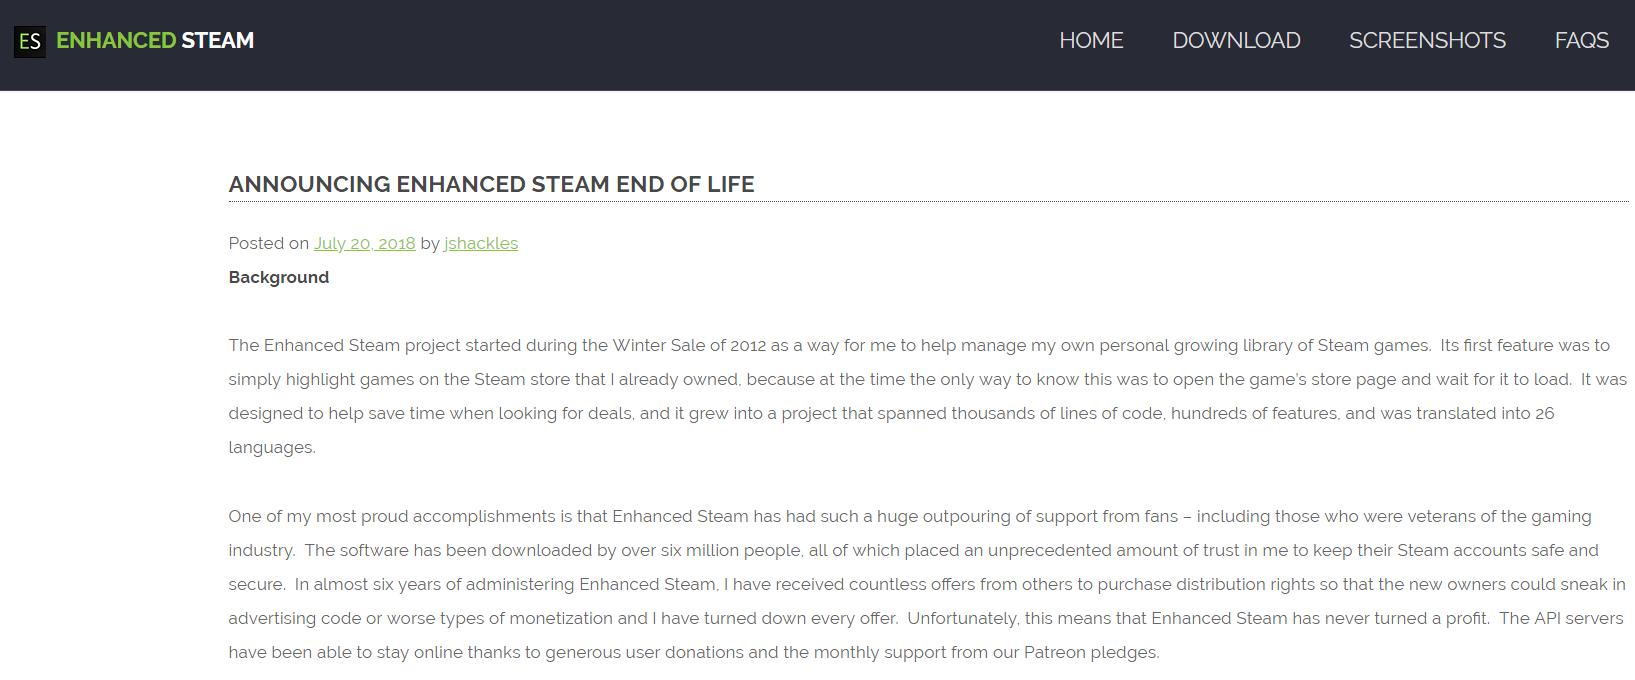 enhanced-steam-blog